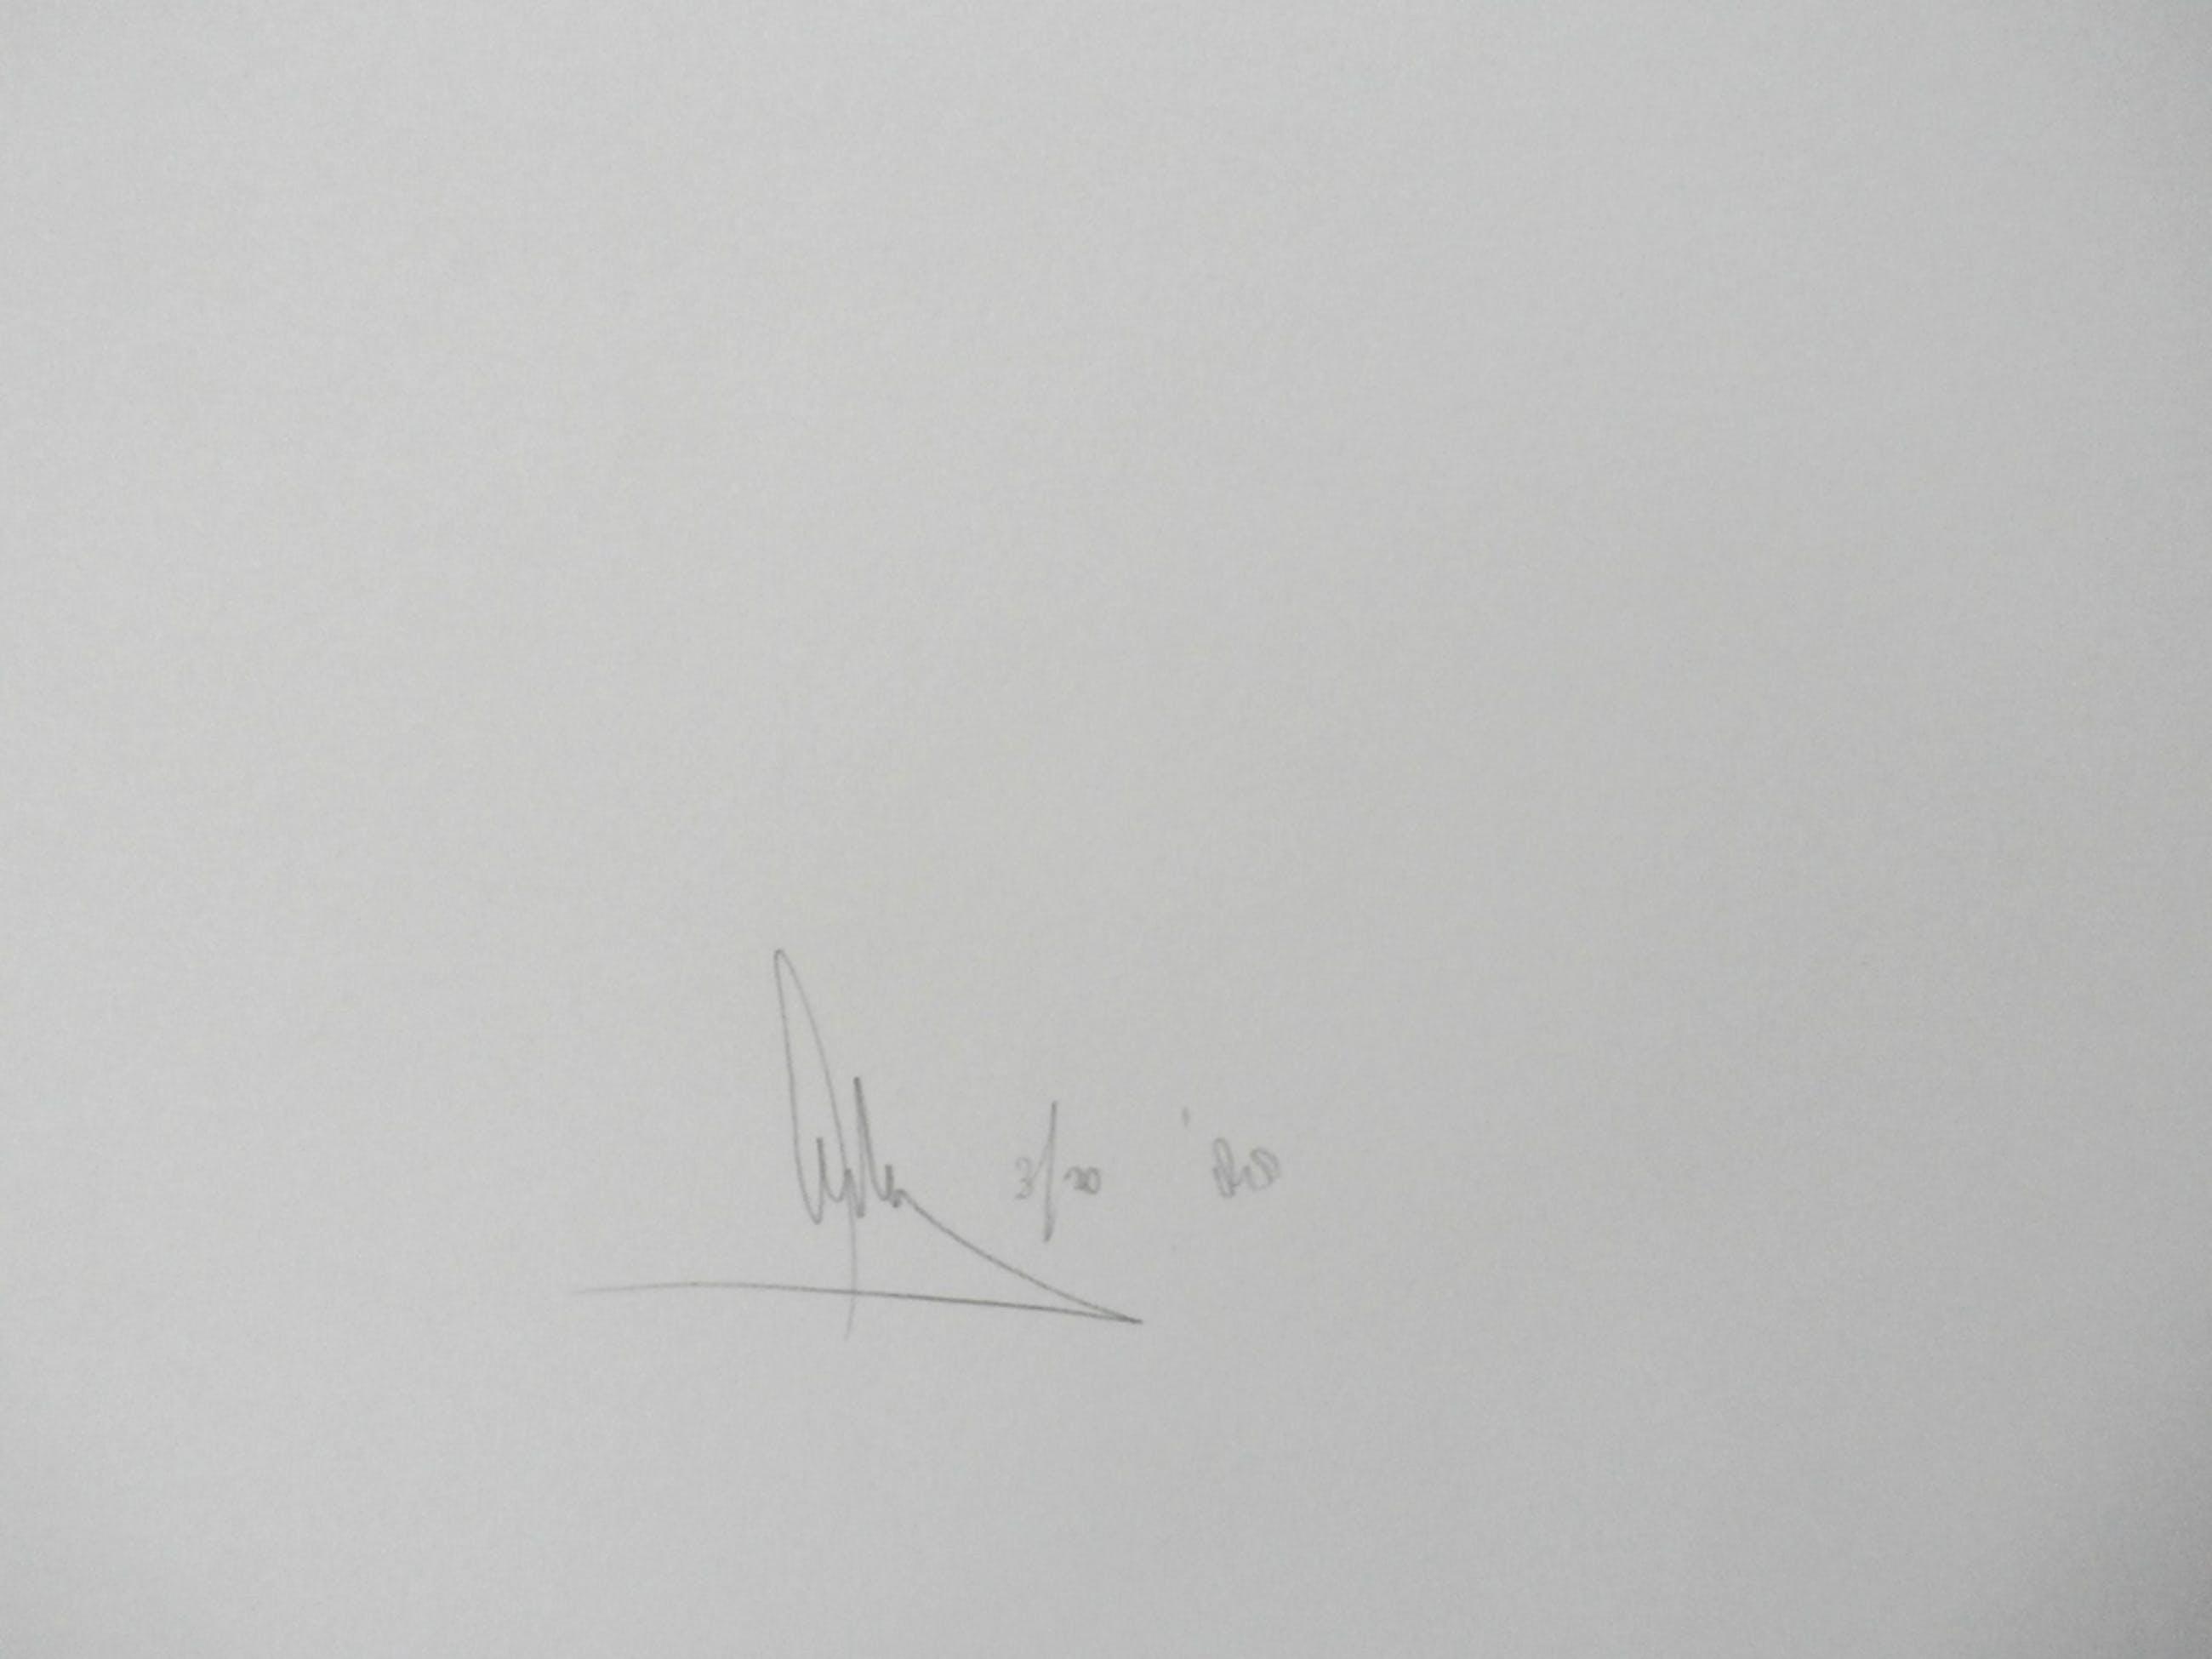 Arty Grimm - grote zeefdruk: abstracte compositie - 1988 - oplage: 20 stuks kopen? Bied vanaf 70!